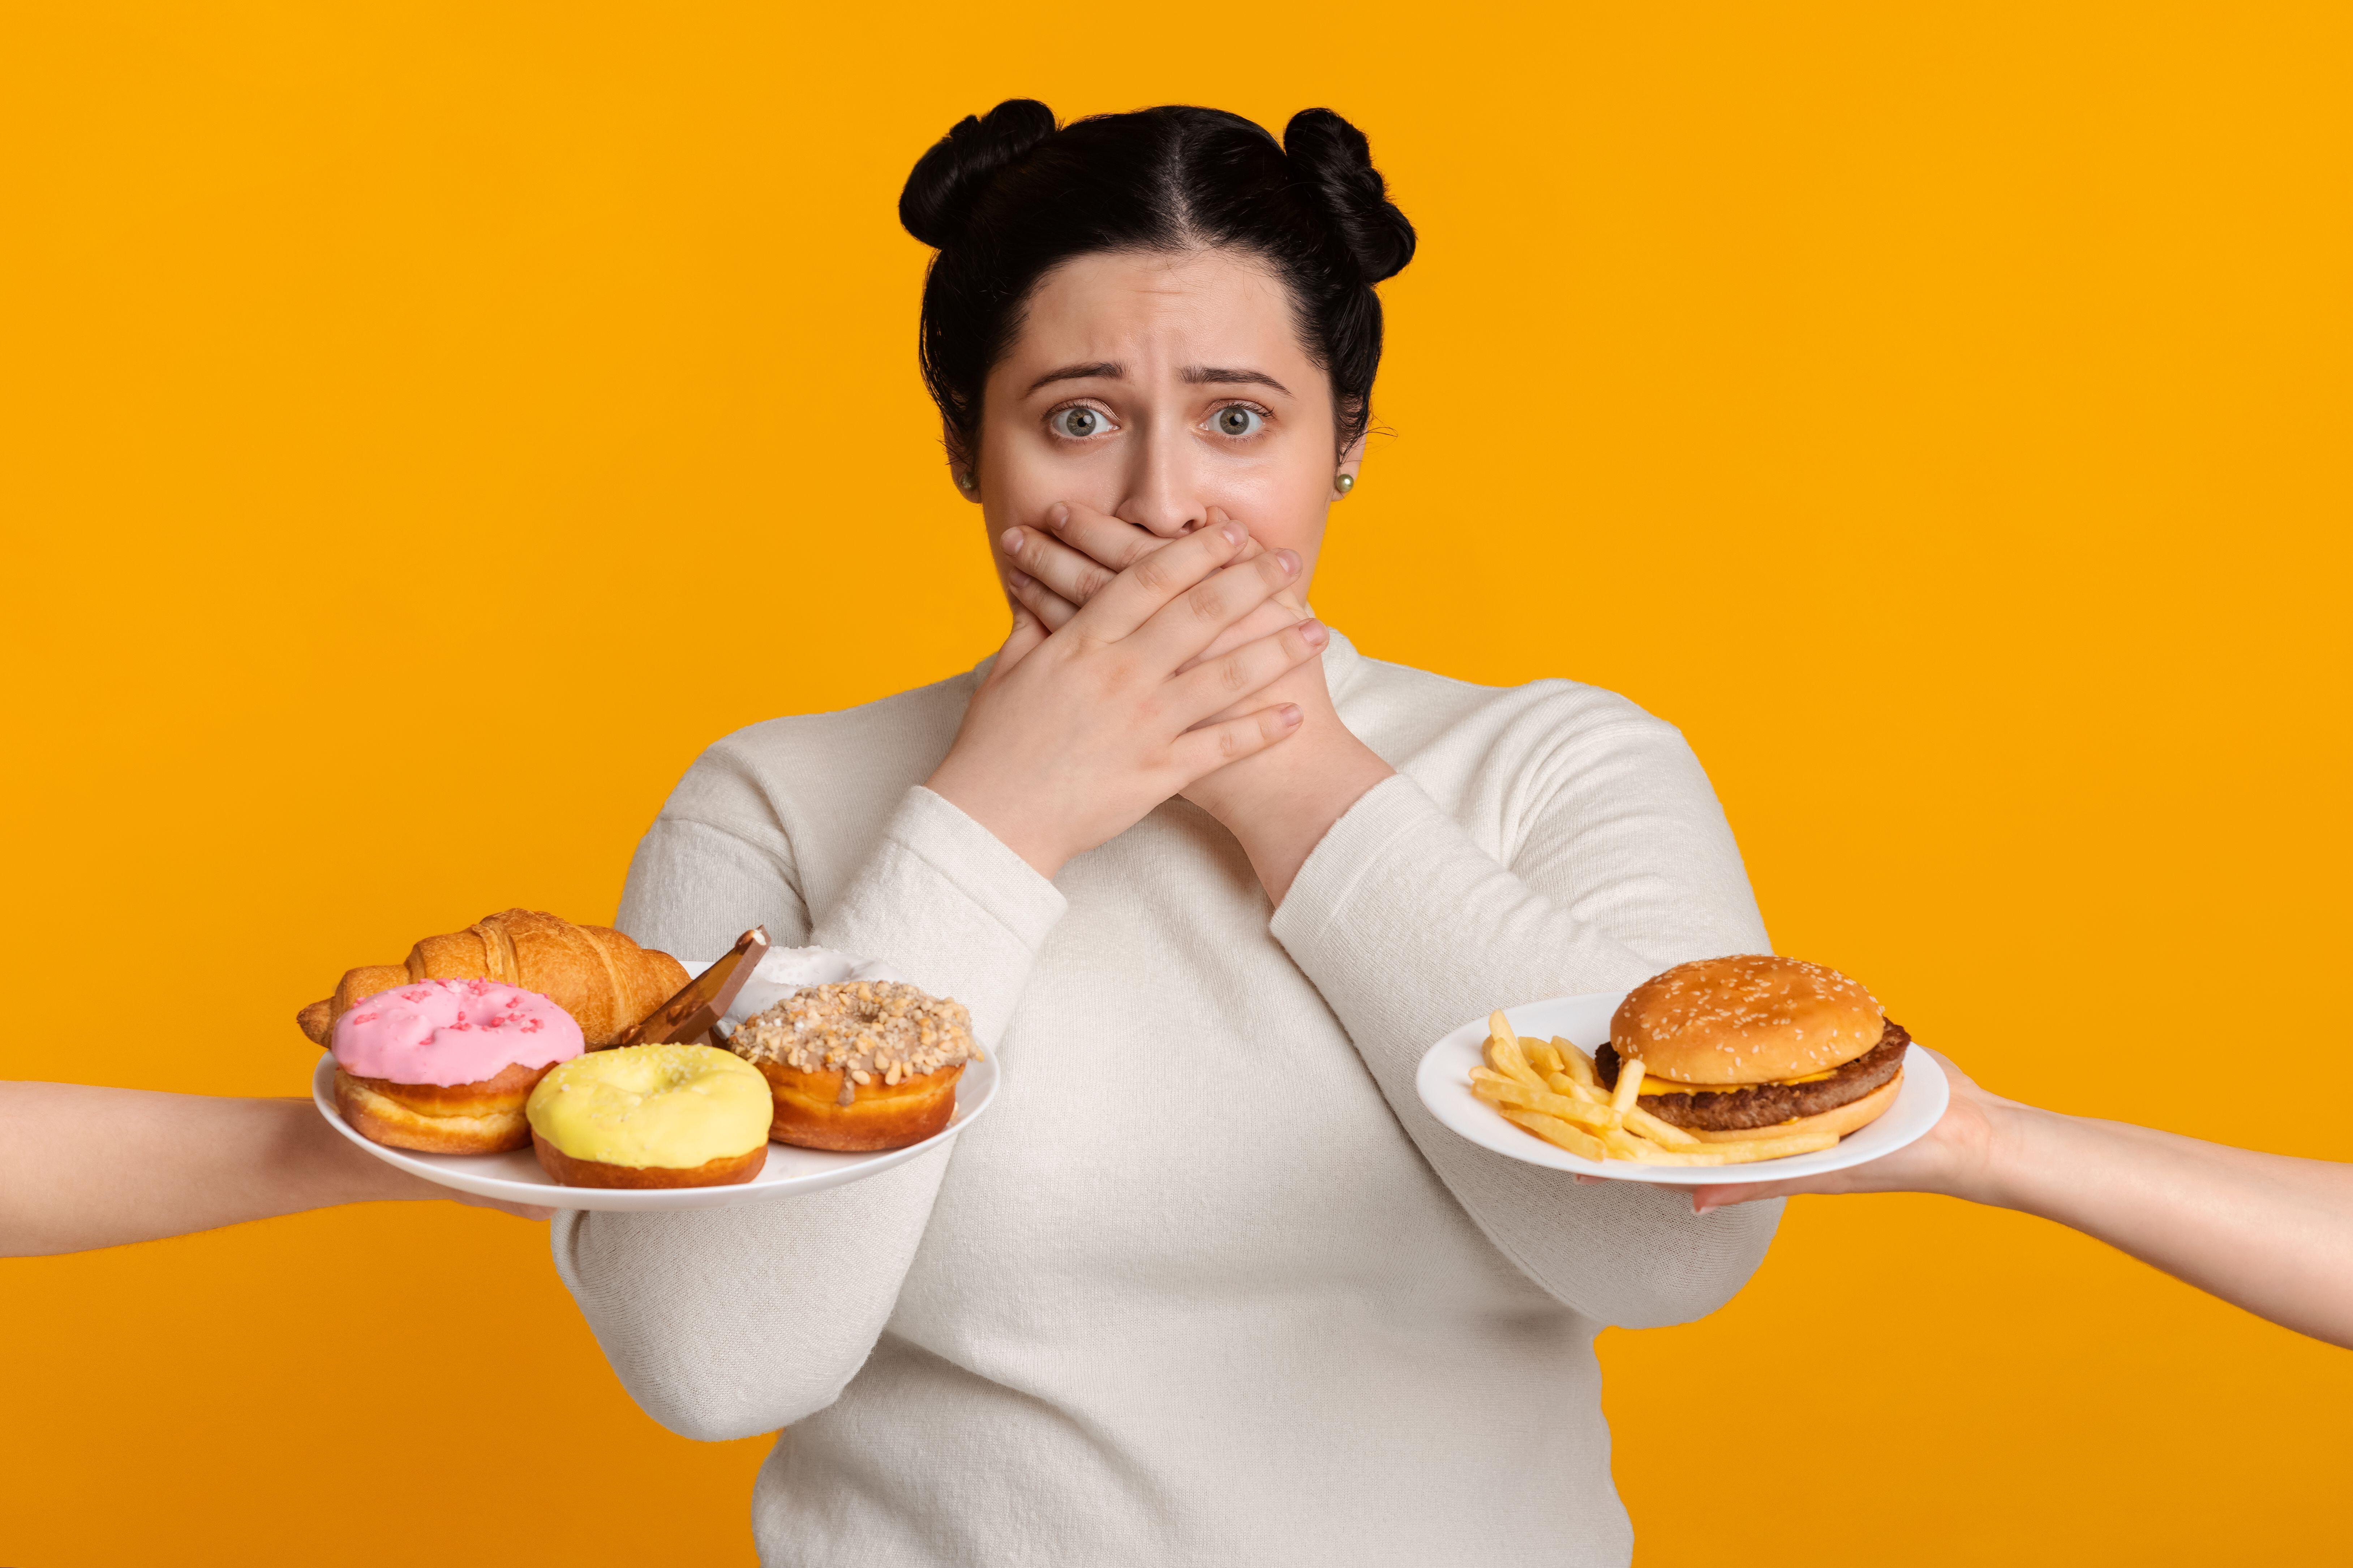 دختری که دهان خود را می پوشاند ، از خوردن غذاهای ناخواسته خودداری می کند